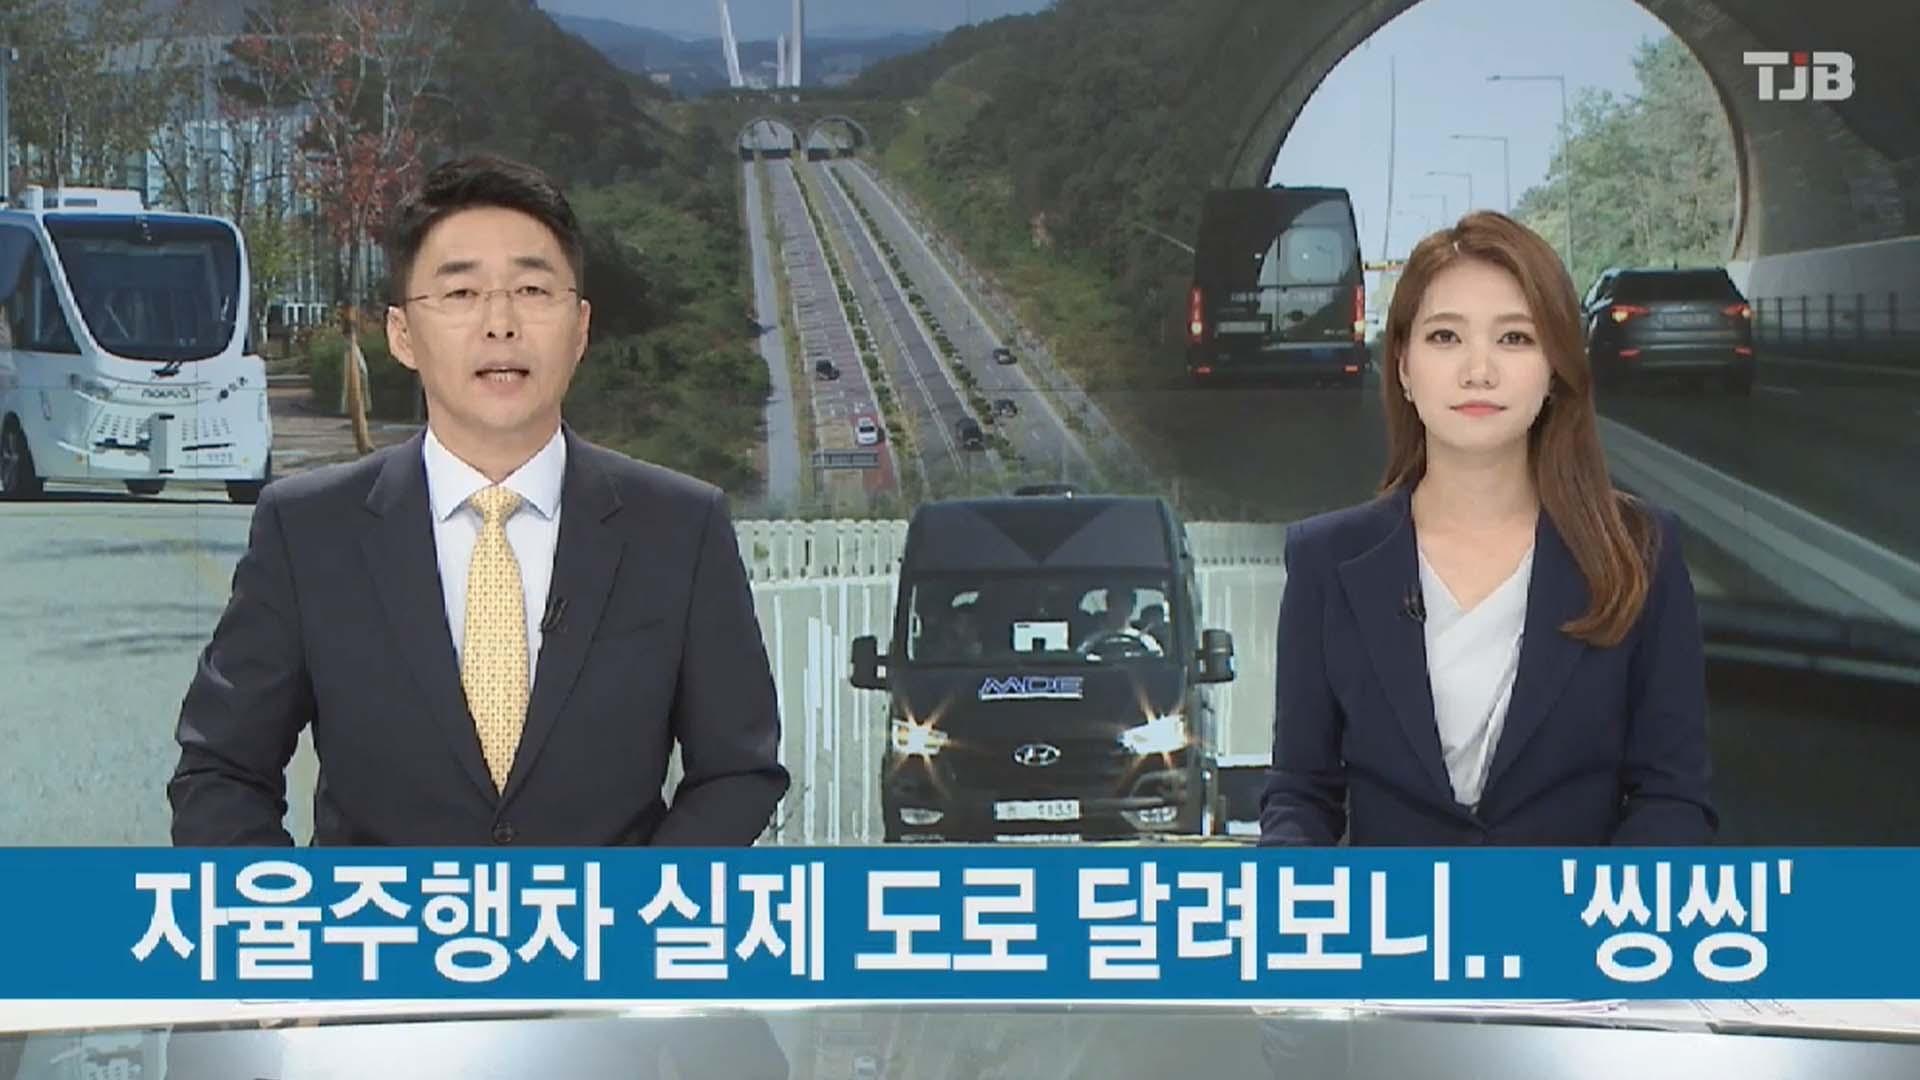 [TJB뉴스] 자율주행차 실제 도로 달려보니 씽씽